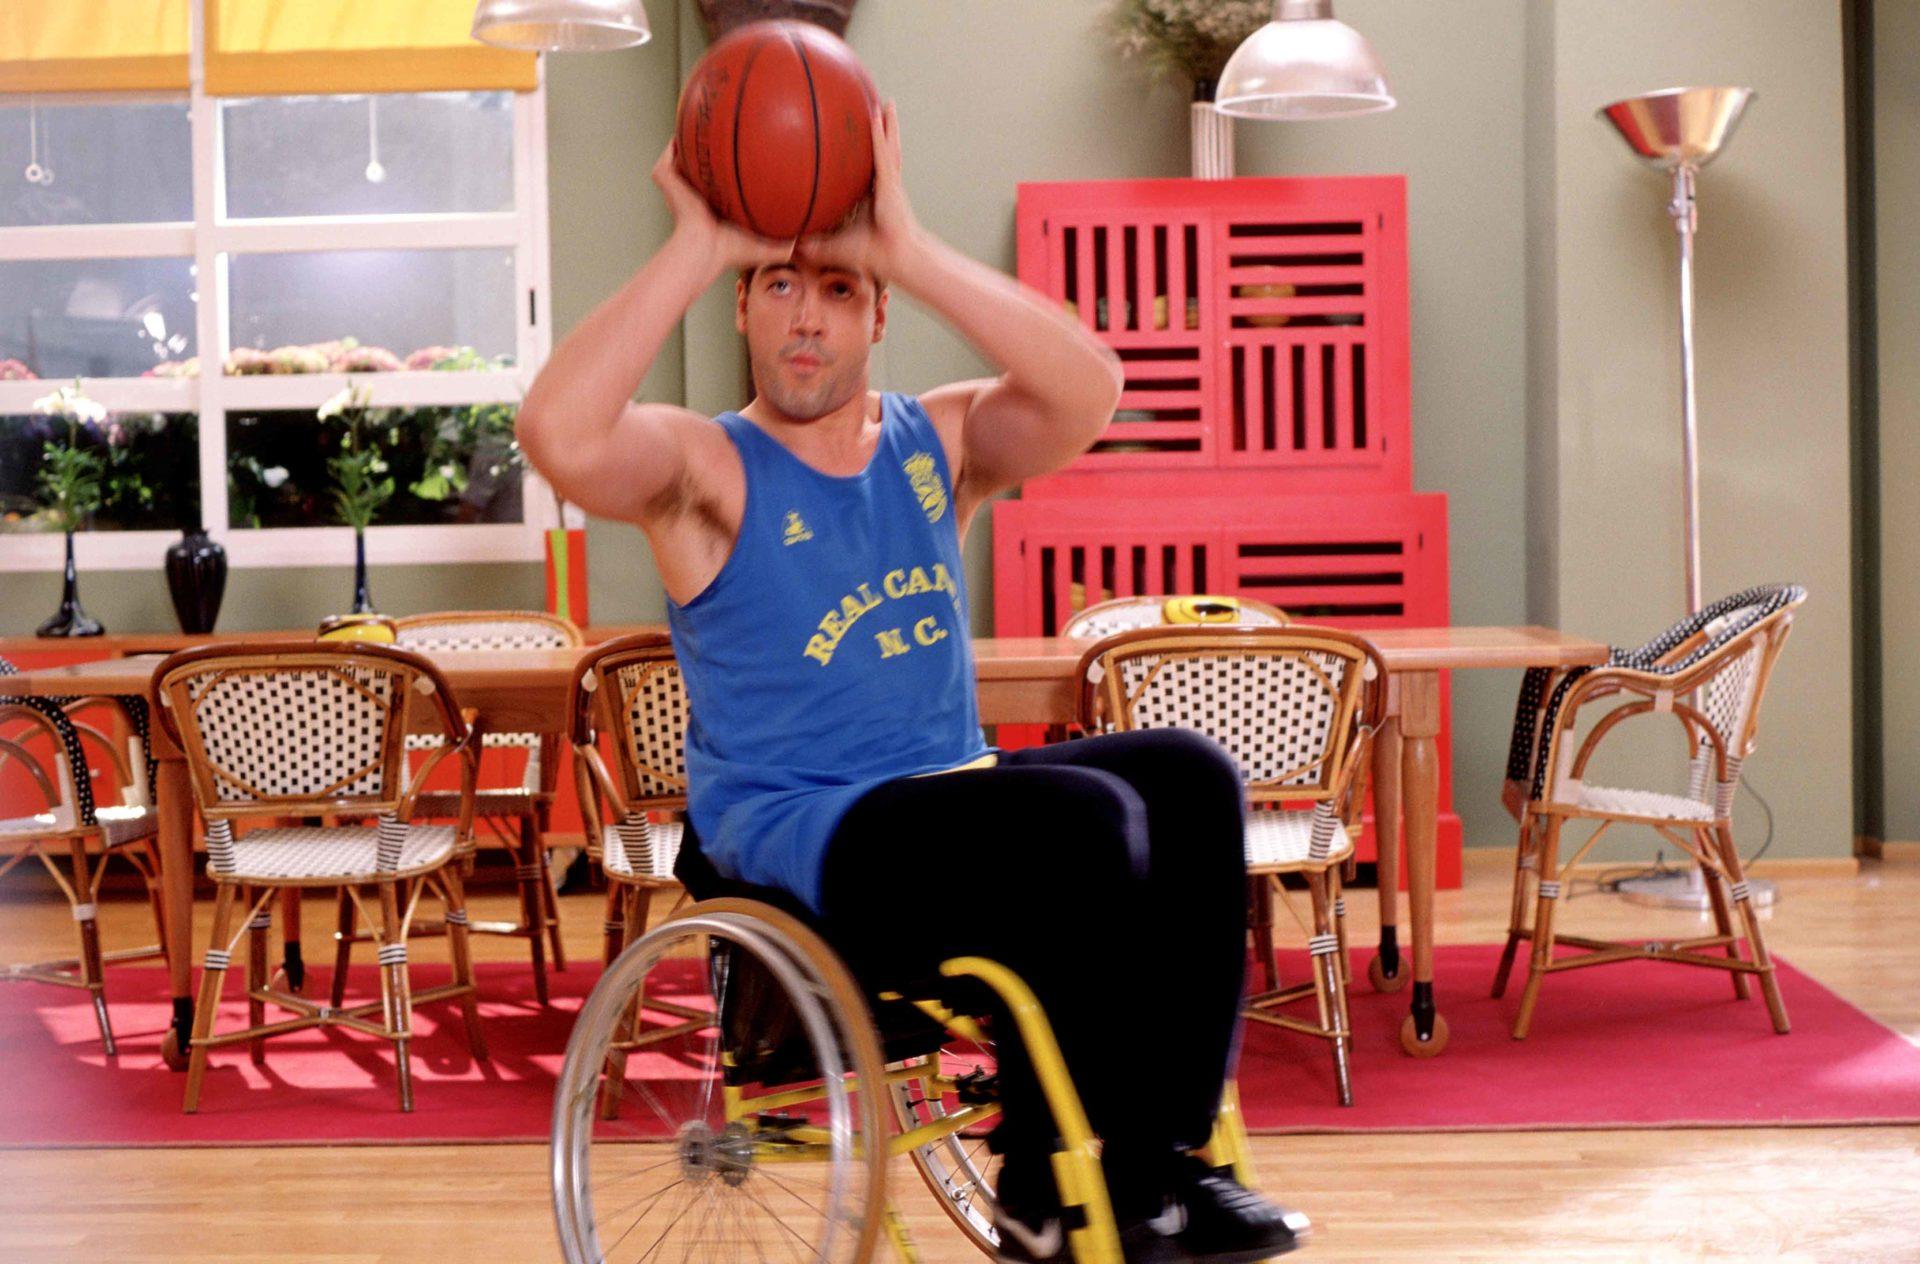 《顫抖的慾望》潘妮洛普克魯茲公車產子成頭條 哈維爾巴登成身障籃球員擁美人輪椅親熱